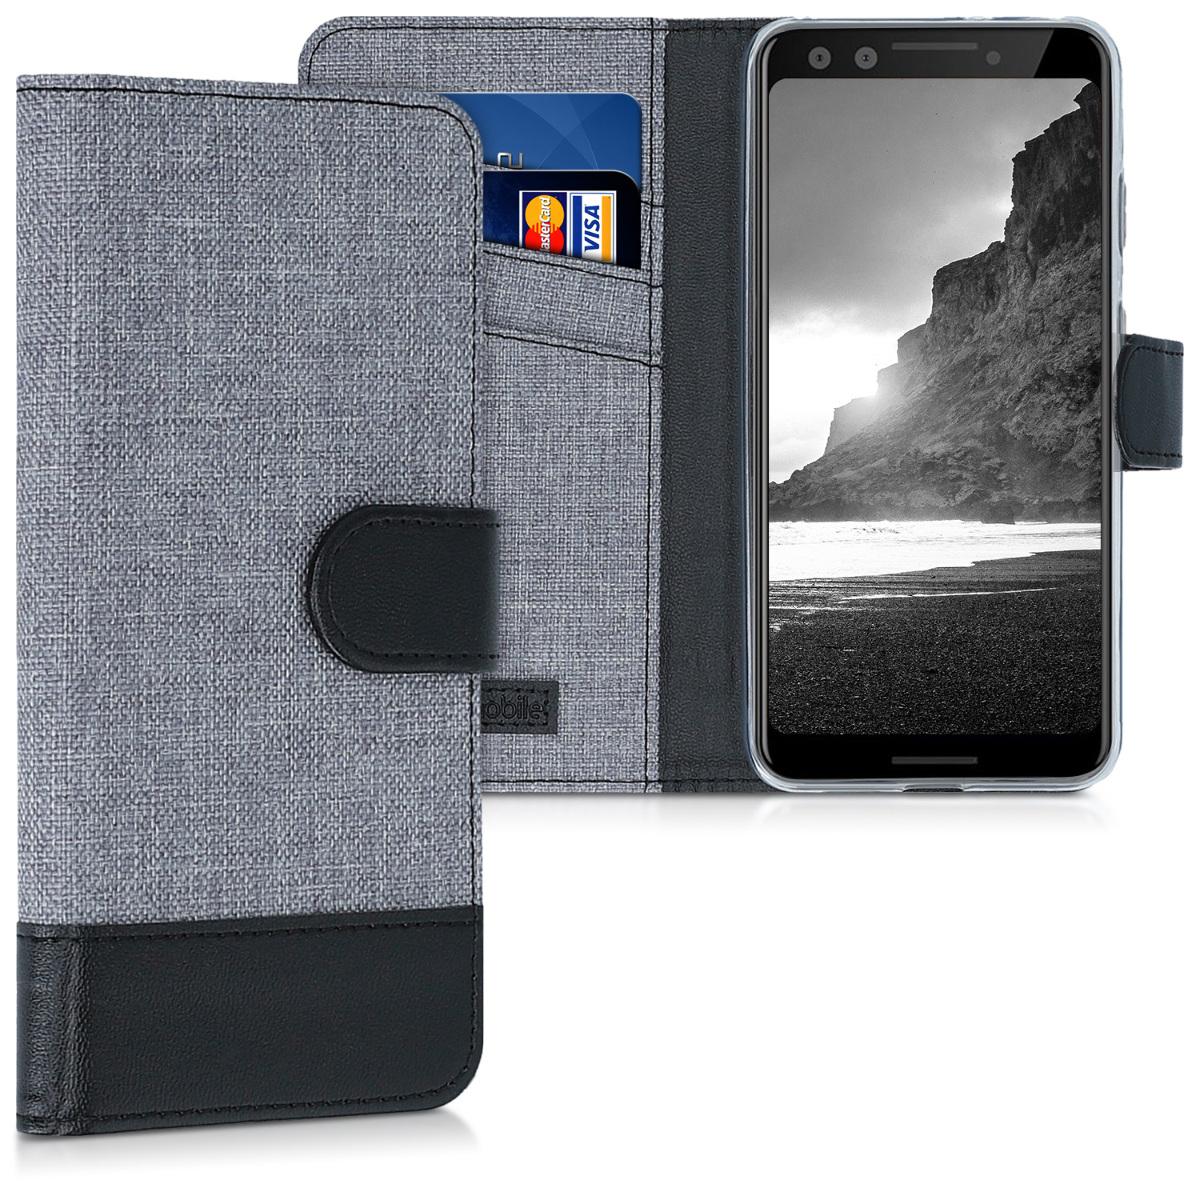 Textilní látkové pouzdro | obal pro Google Pixel 3 - Šedá / černá